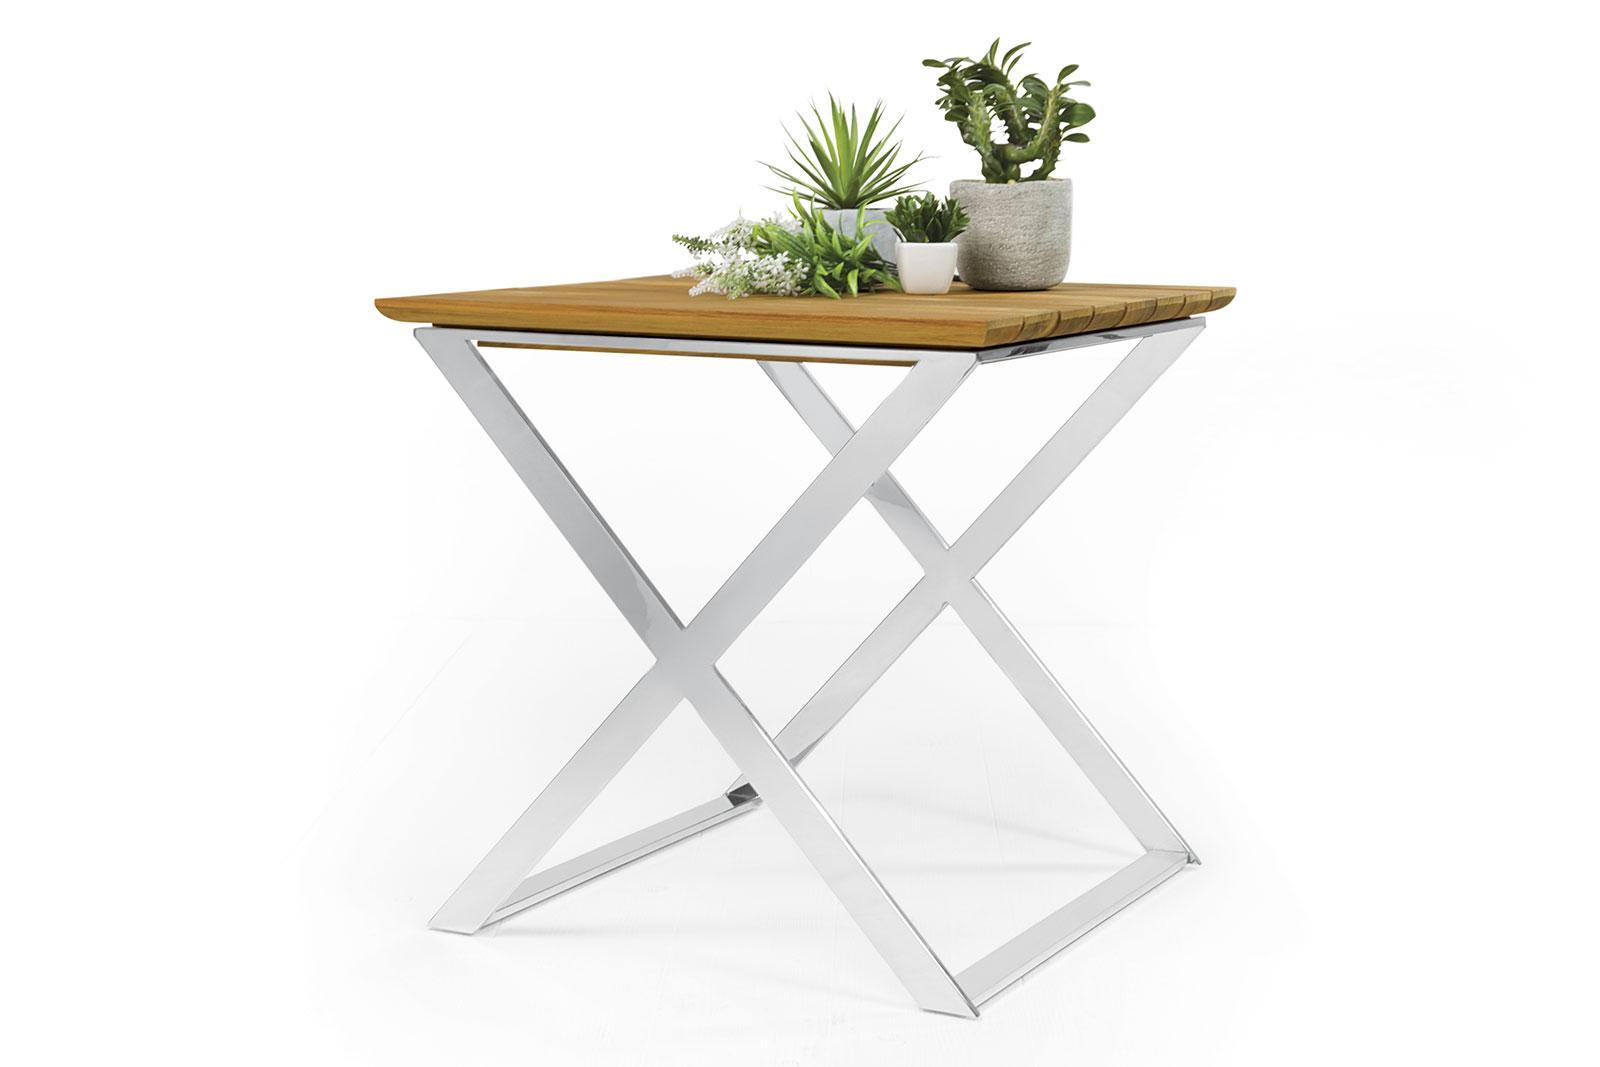 table basse de jardin en bois vente en ligne italy. Black Bedroom Furniture Sets. Home Design Ideas